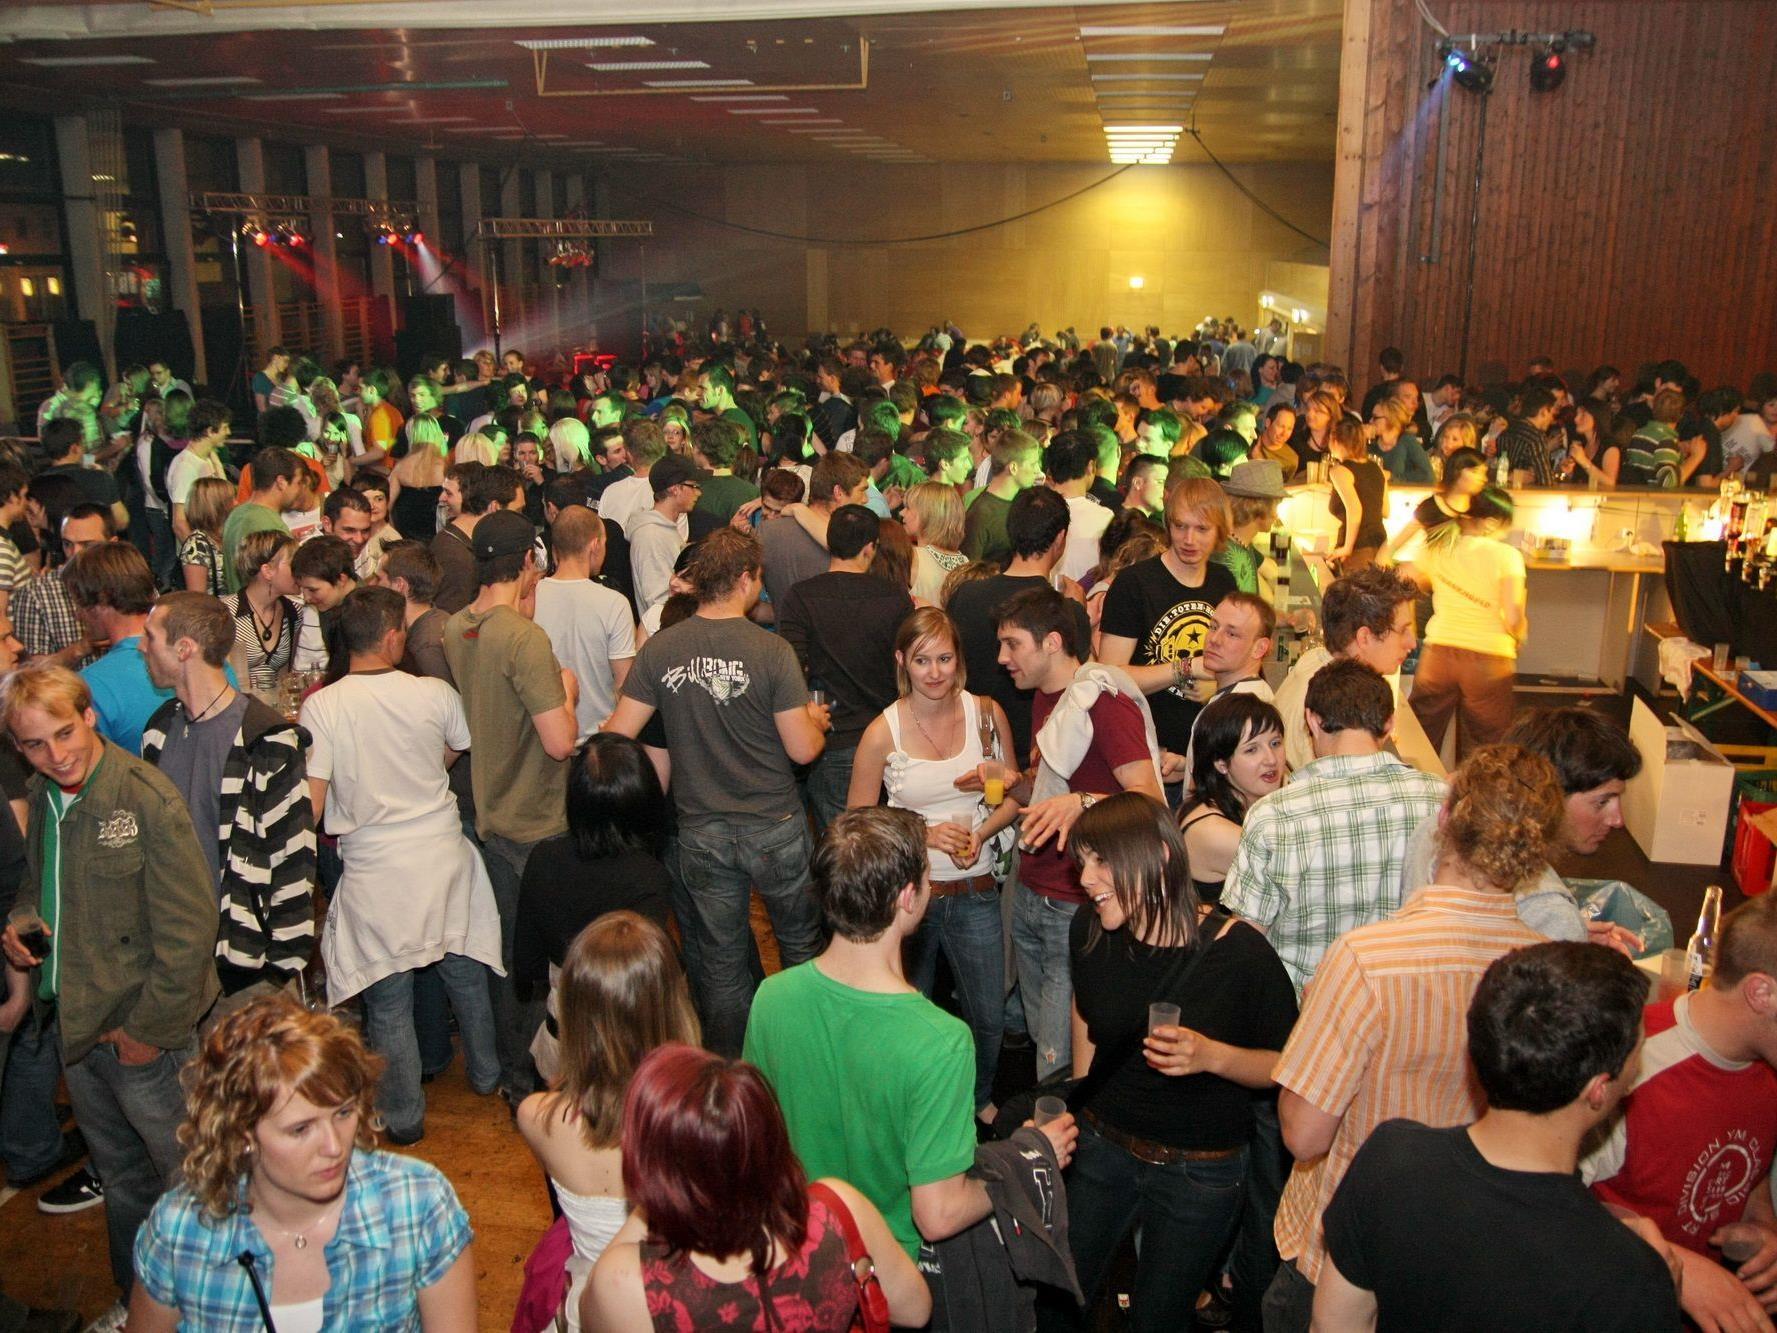 Am Ostersonntag veranstaltet der FC Thüringen erneut den bereits zur Tradition gewordenen Osterrock in der Hauptschulhalle Thüringen.